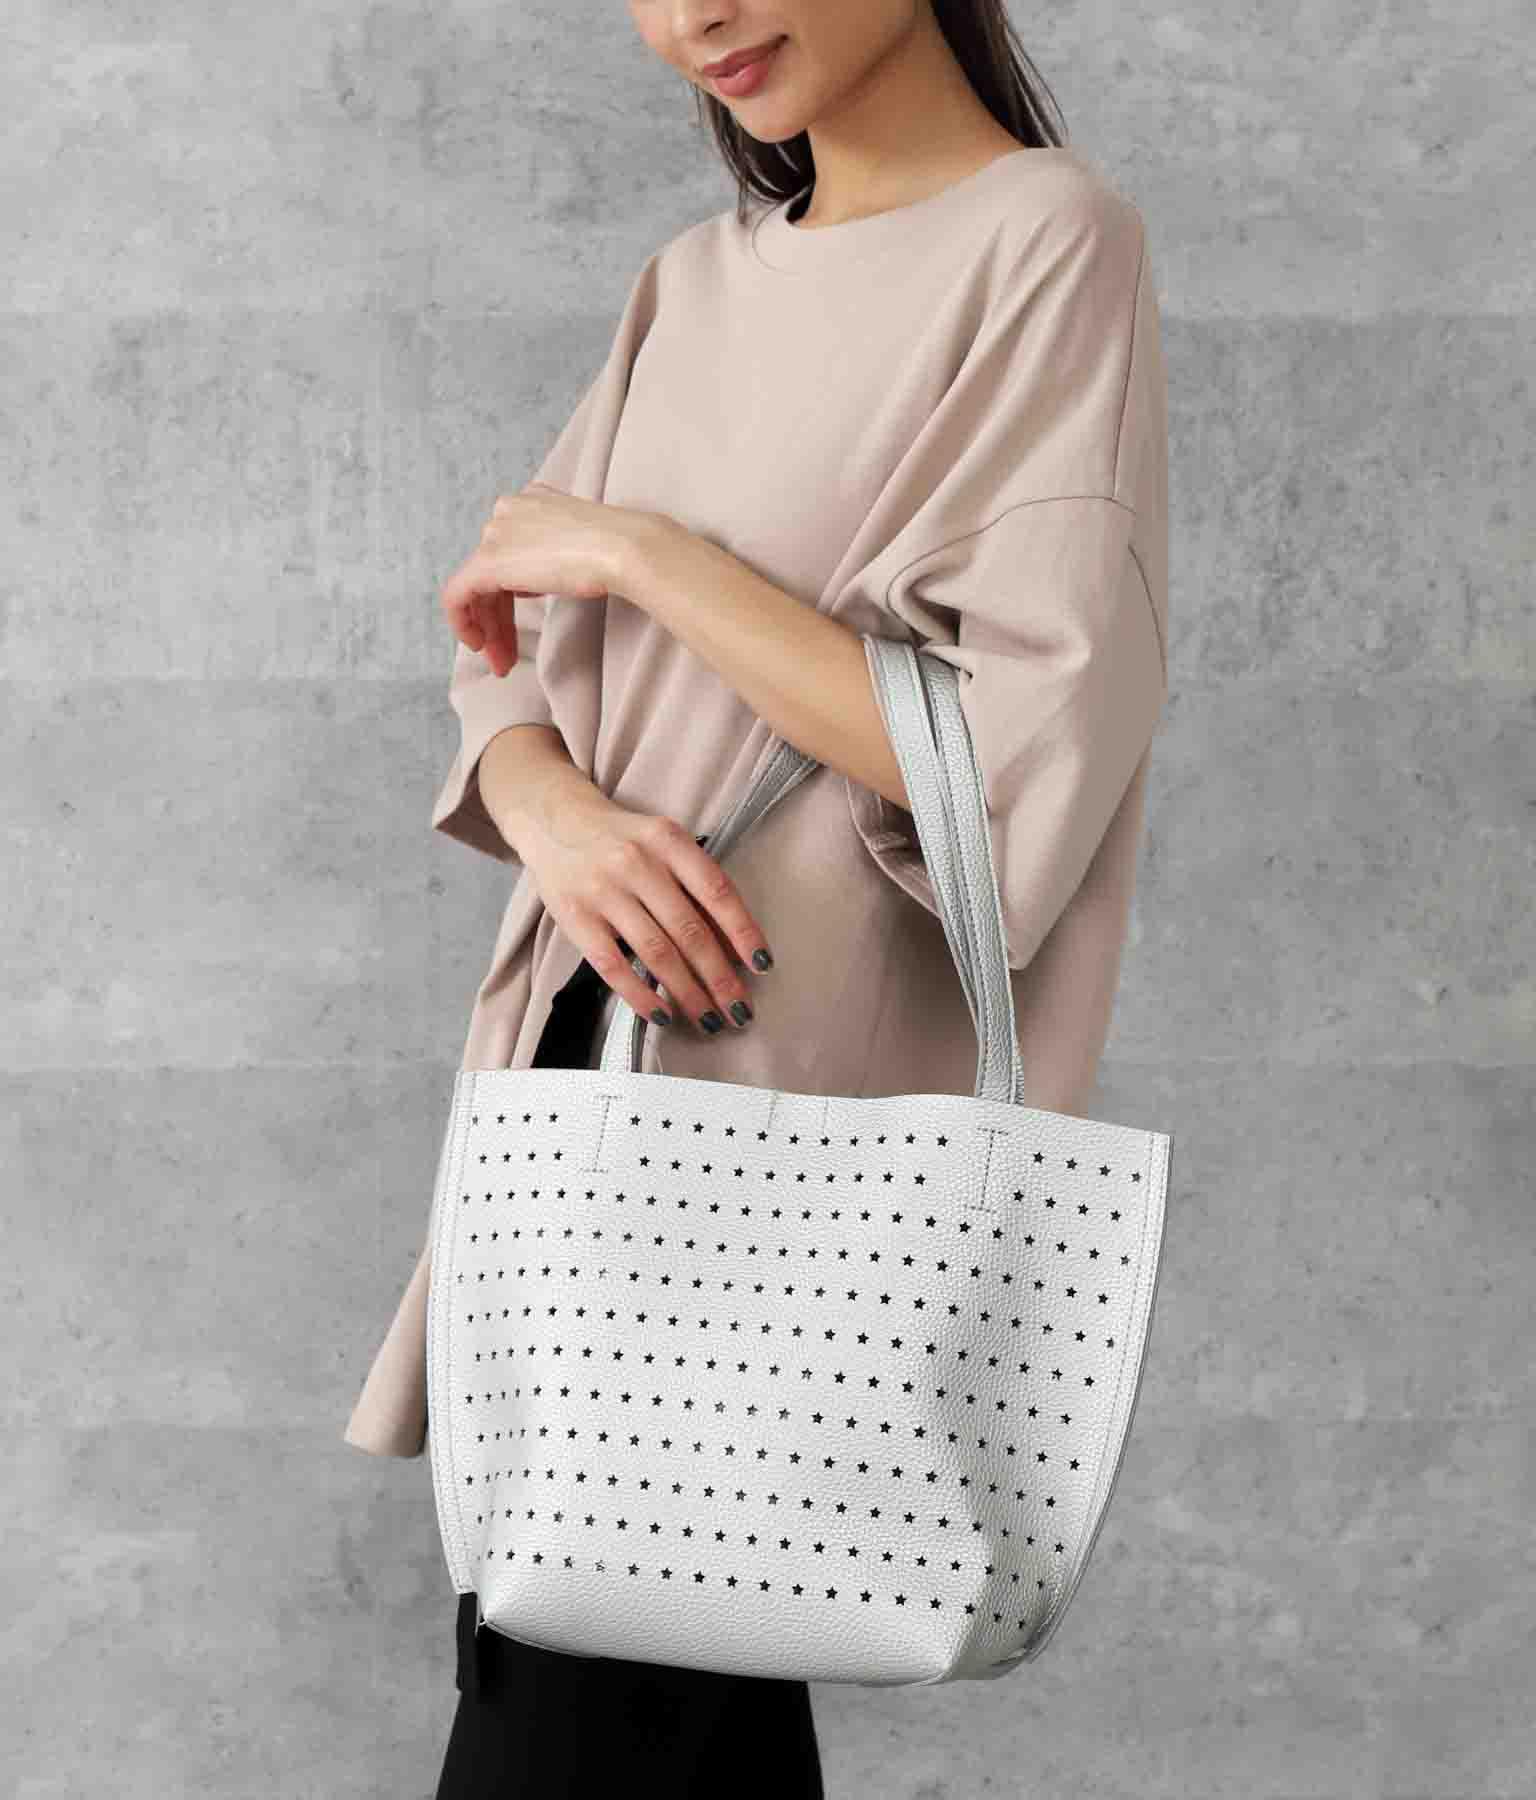 スター型ぬきバッグ(バッグ・鞄・小物/トートバッグ) | ANAP